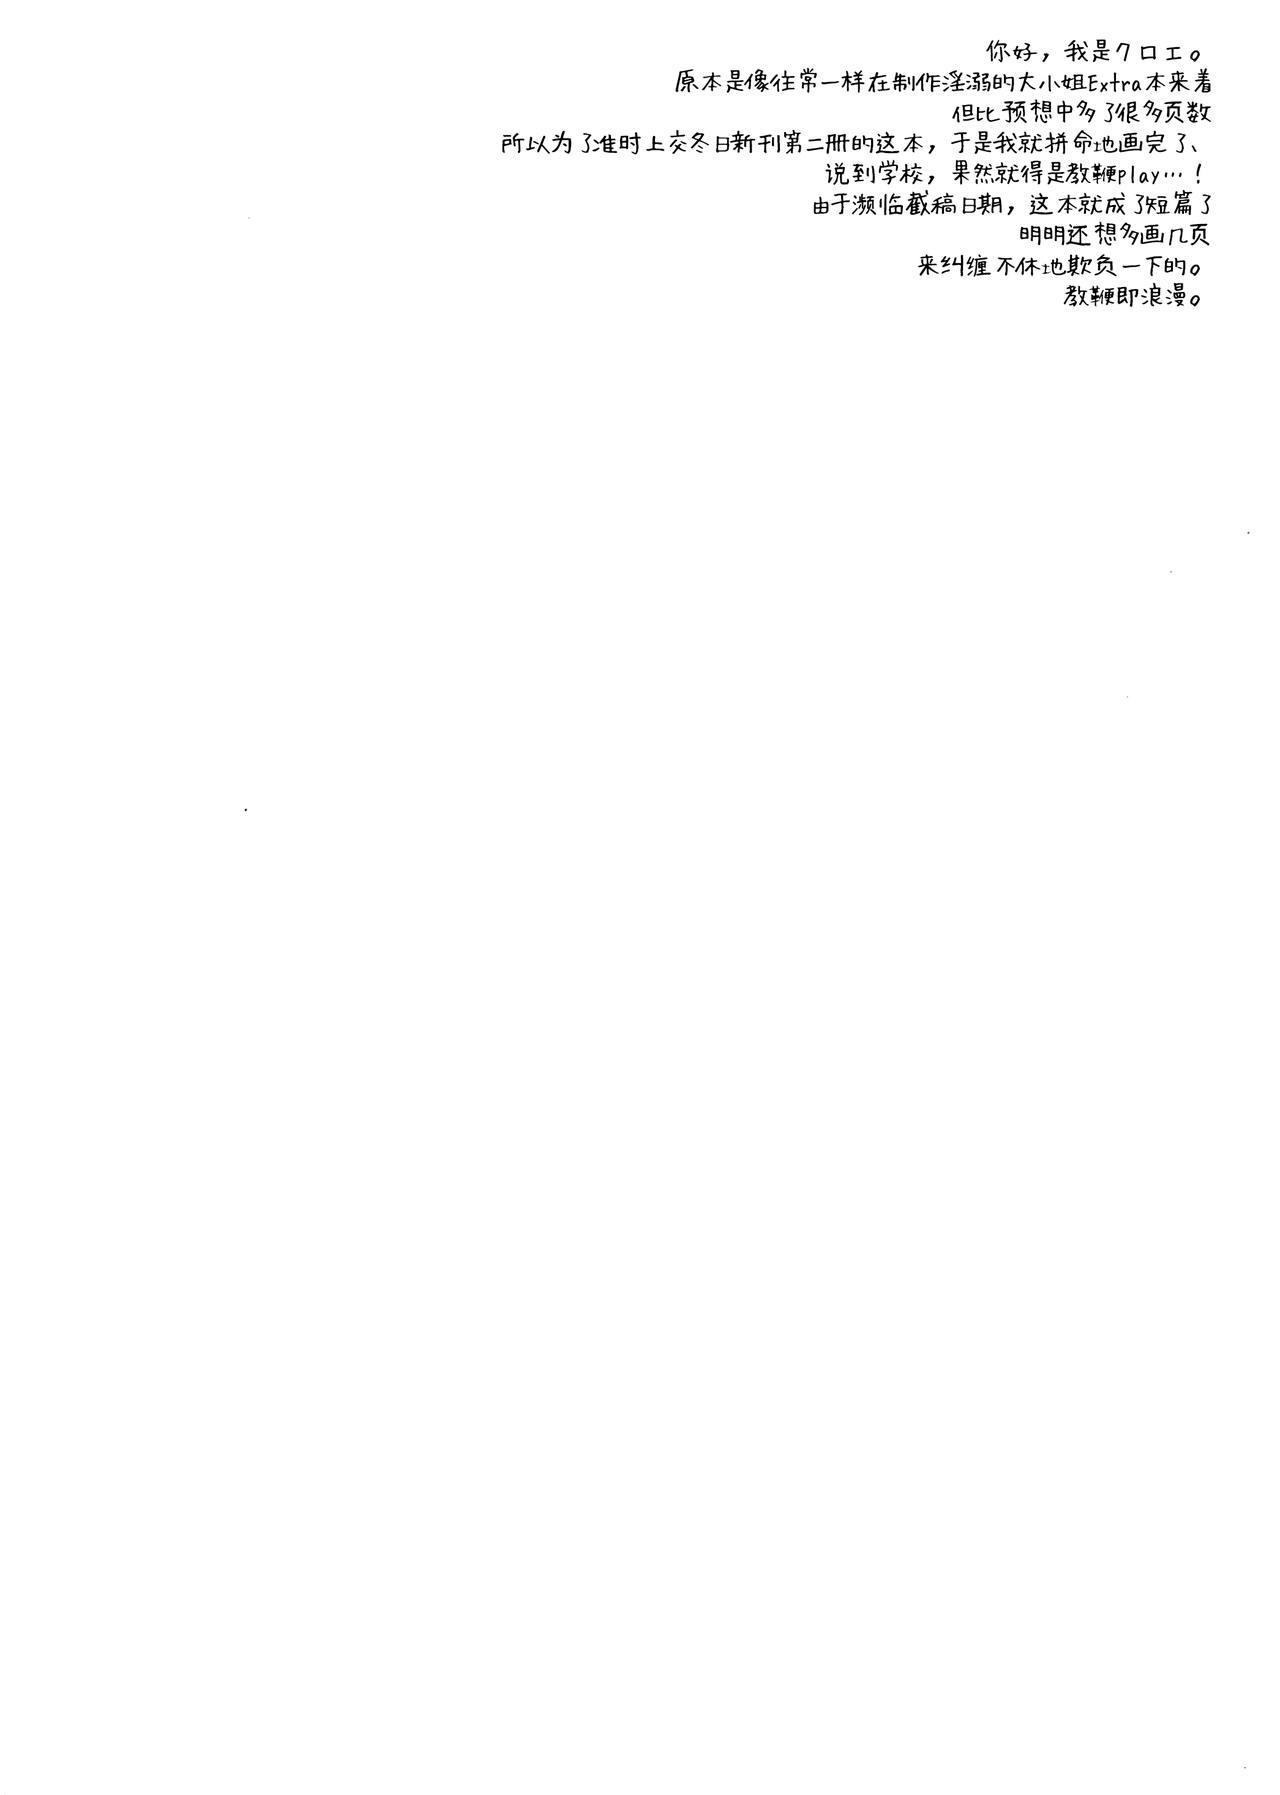 Indeki no Reijou 4.5 3